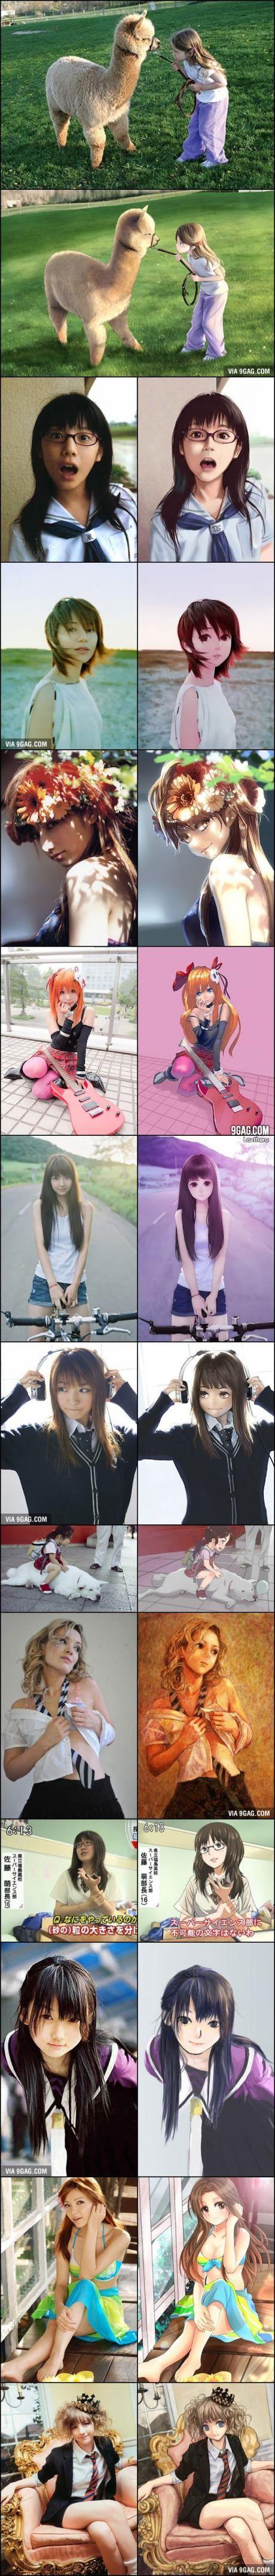 Real Life vs. Anime Girls